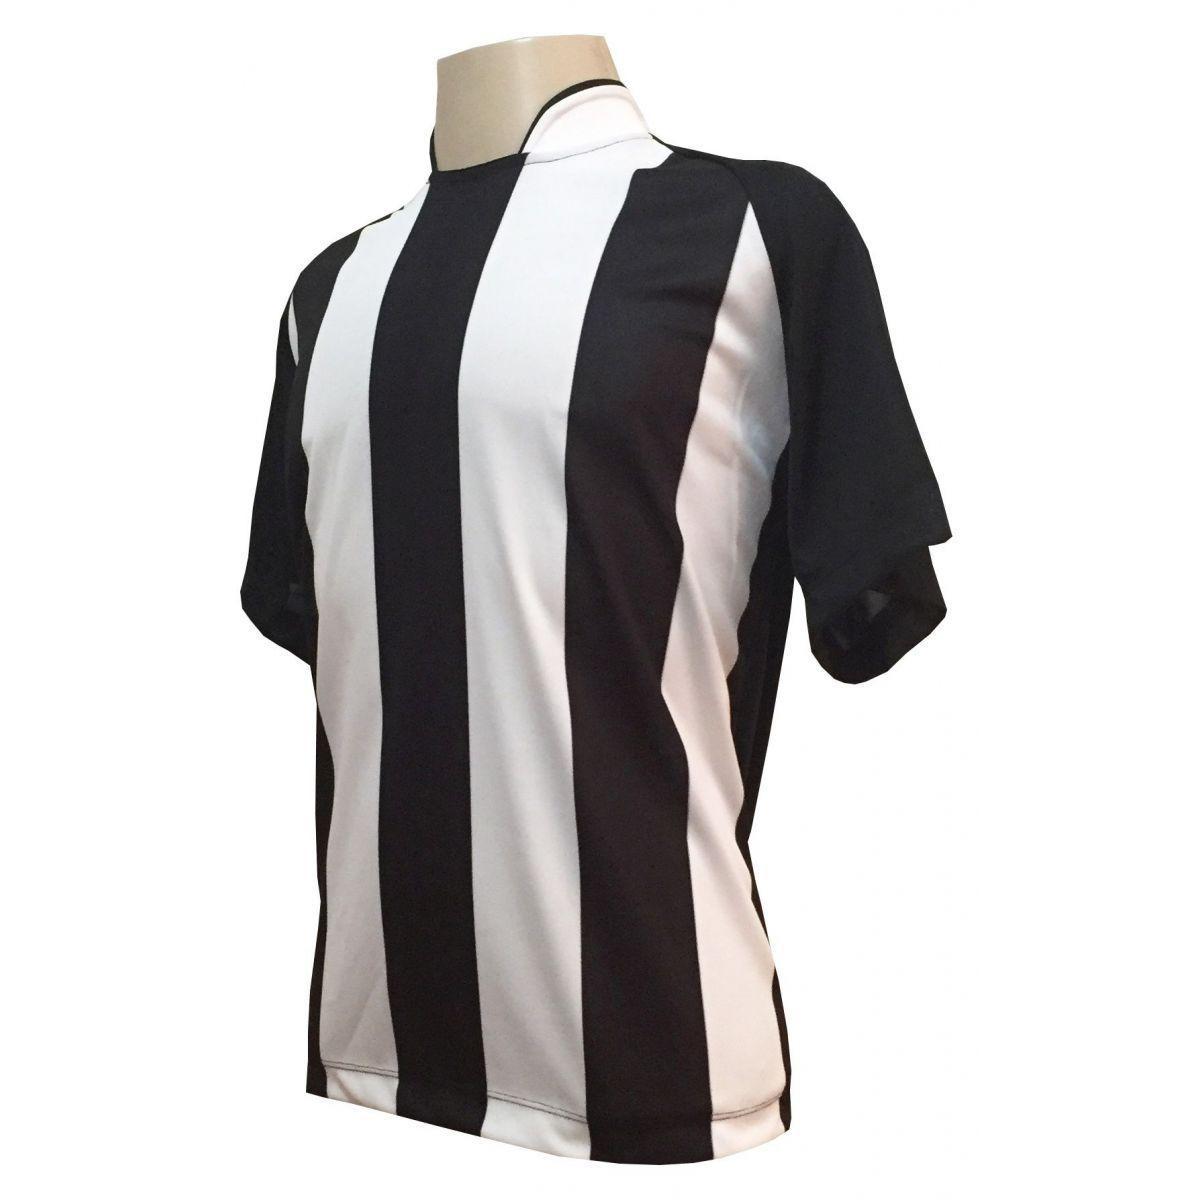 0fb24bcb9549d Uniforme Esportivo com 18 camisas modelo Milan Preto Branco + 18 calções  modelo Madrid + 1 Goleiro + Brindes - Play fair R  789